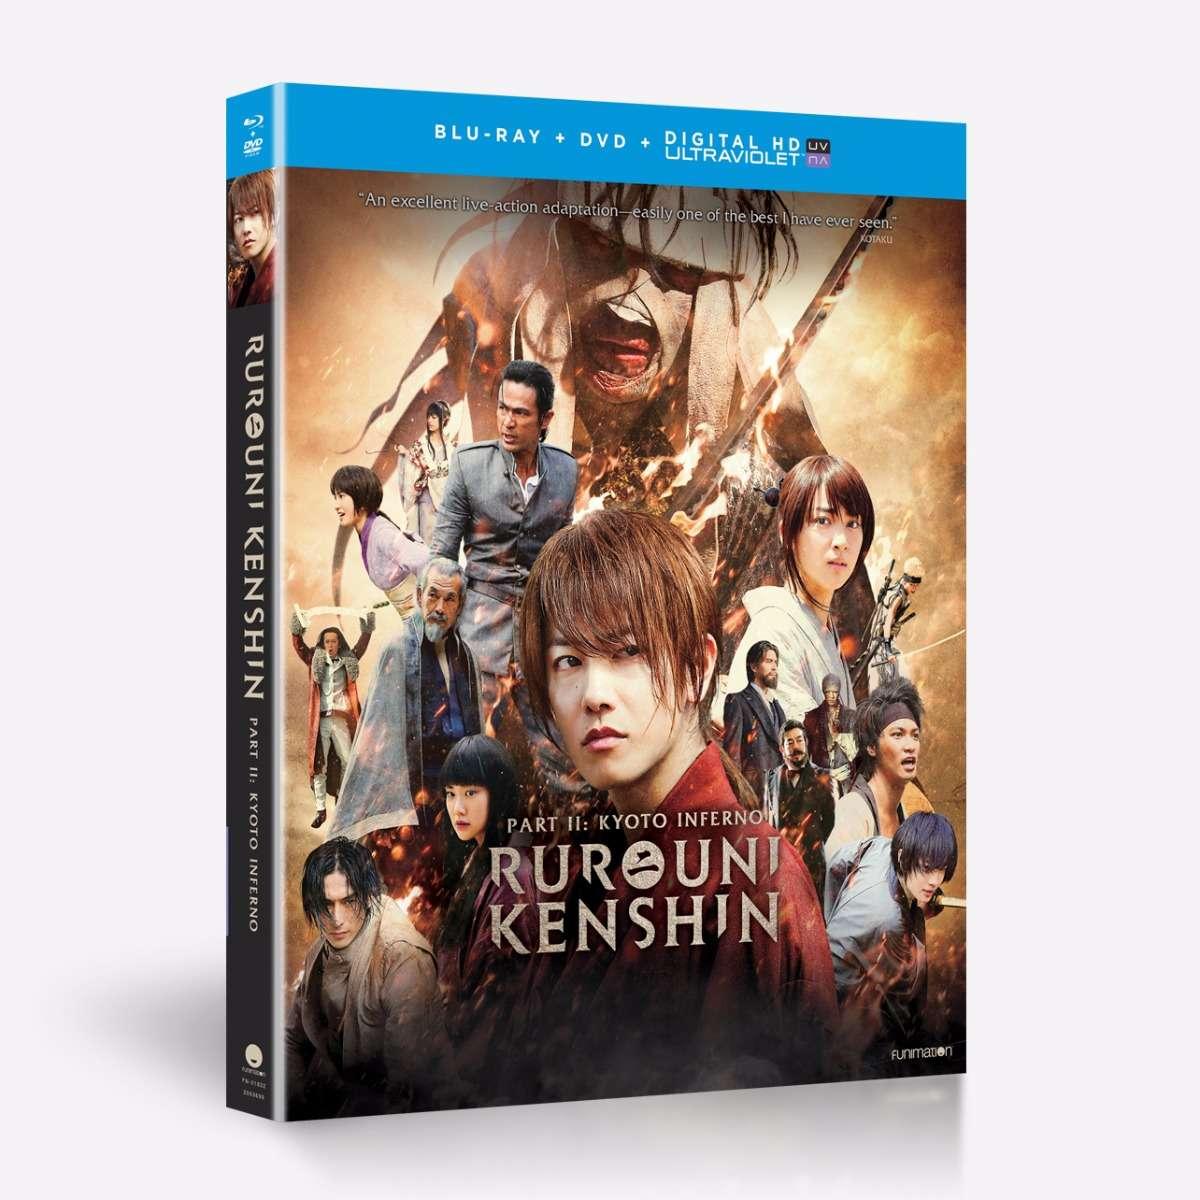 Shop Rurouni Kenshin Part II: Kyoto Inferno